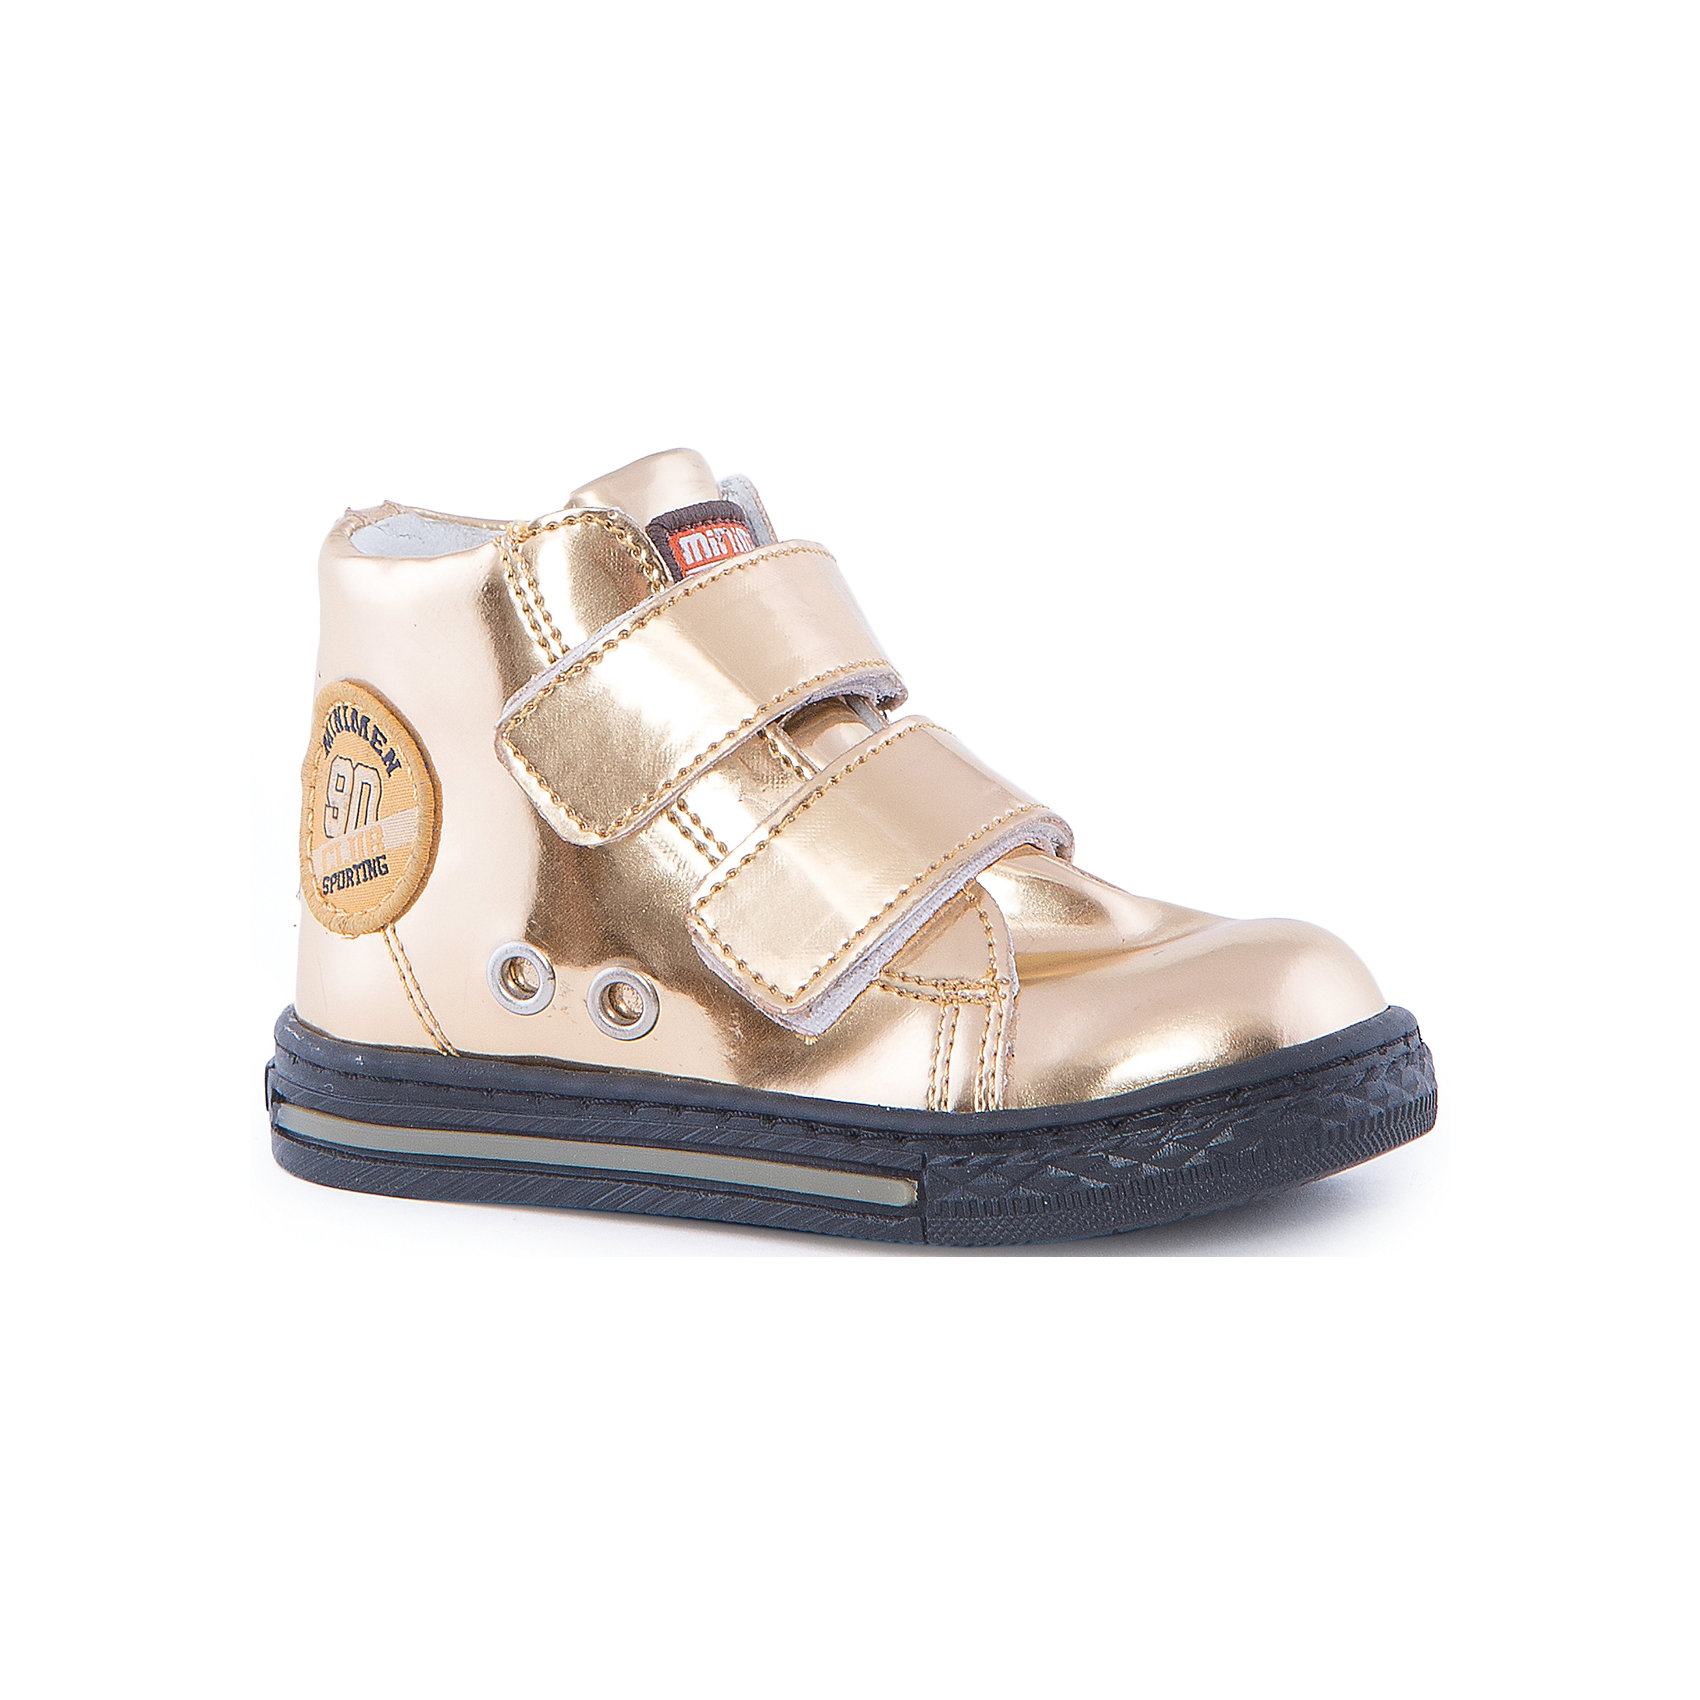 Ботинки для девочки MinimenБотинки<br>Стильные и практичные ботиночки от Minimen. Они имеют ортопедическую стельку и толстую подошву. Ботинки легко надевать и застегивать при помощи липучек. Кроме того, вы можете не переживать о промокших ногах, если ребенок пройдет по луже. Отлично подойдут для осени.<br><br>Дополнительная информация:<br>Стелька: супинатор<br>Цвет: золотой<br>Сезон: осень<br>Материал: кожа<br><br>Ботинки Minimen можно купить в нашем интернет-магазине.<br><br>Ширина мм: 262<br>Глубина мм: 176<br>Высота мм: 97<br>Вес г: 427<br>Цвет: бежевый<br>Возраст от месяцев: 15<br>Возраст до месяцев: 18<br>Пол: Женский<br>Возраст: Детский<br>Размер: 22,24,20,21,23<br>SKU: 4969978